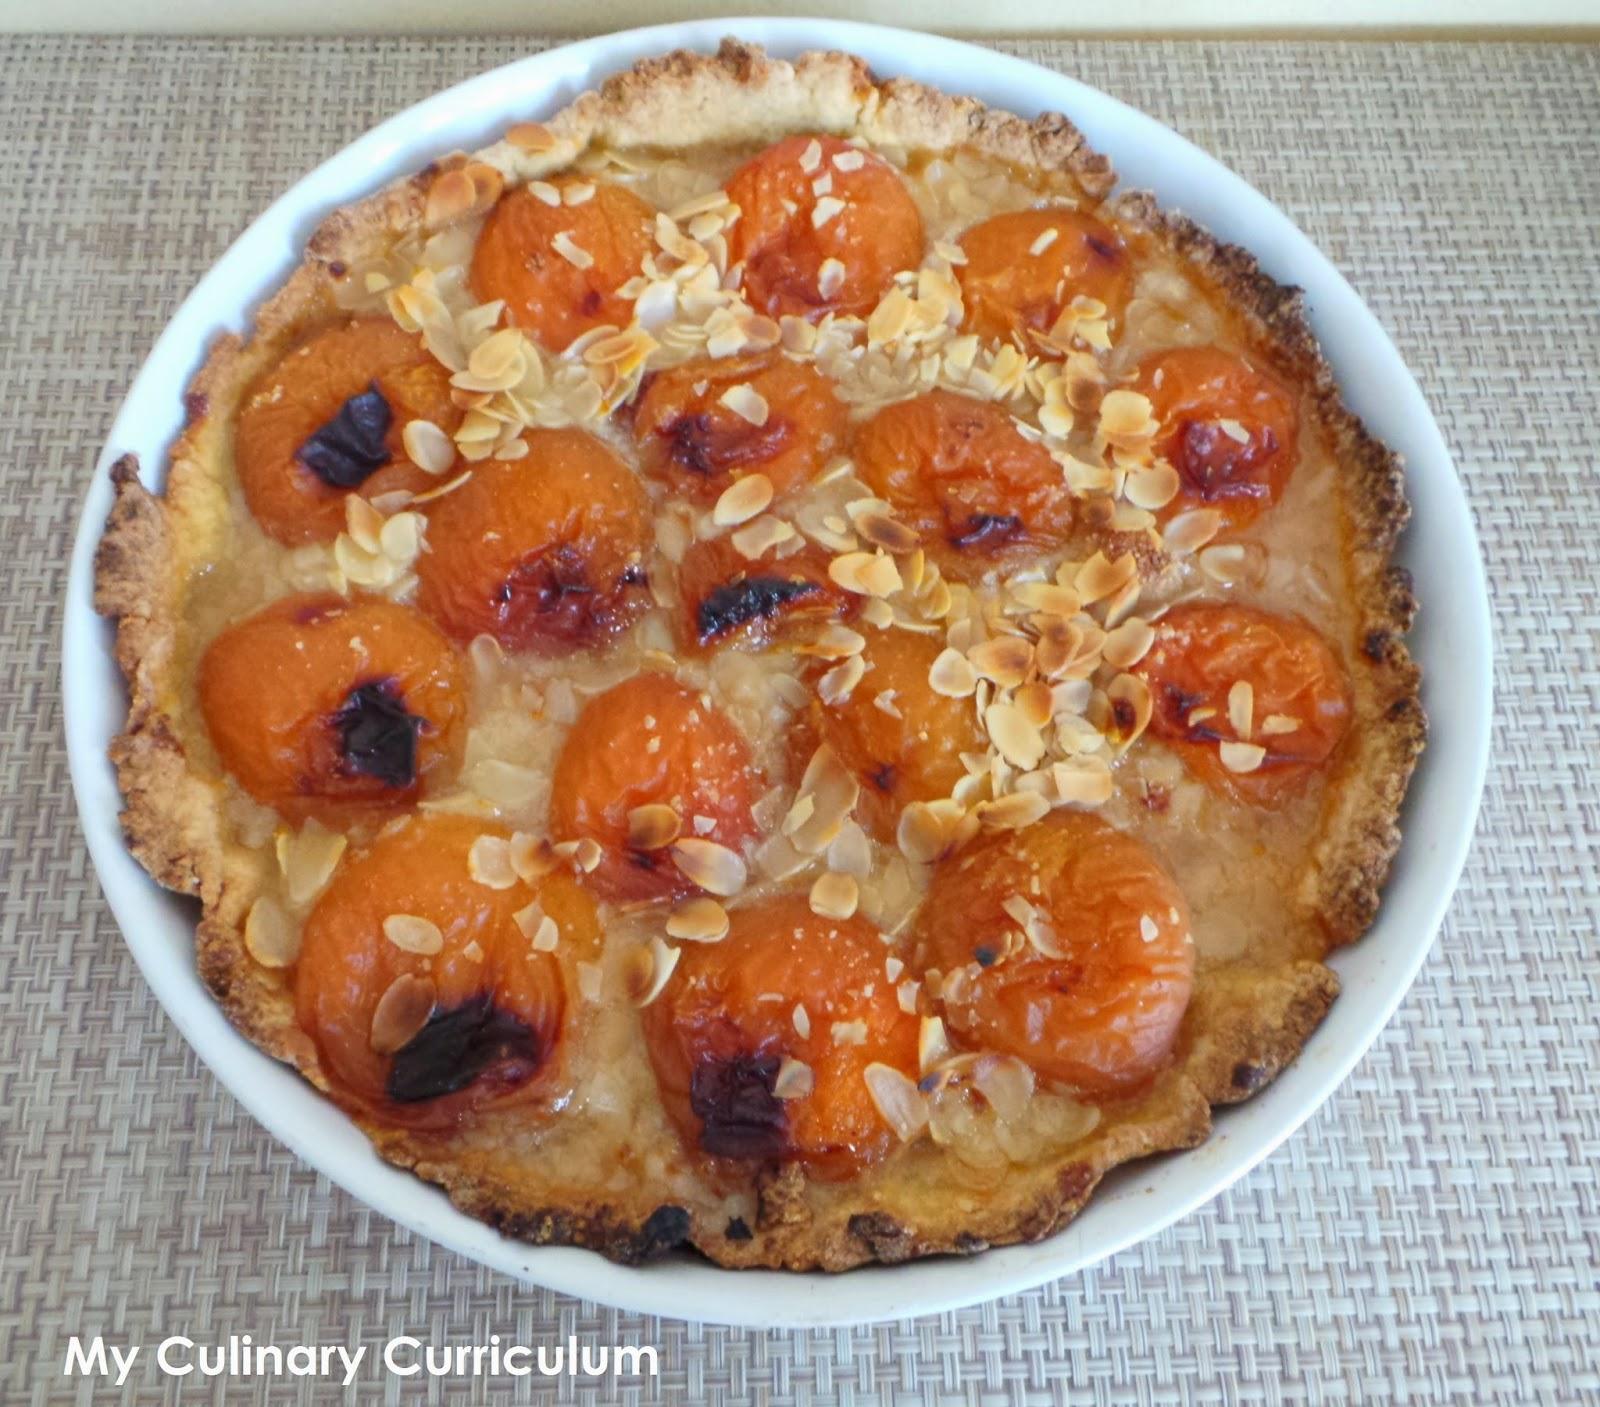 My Culinary Curriculum: Tarte aux abricots et aux amandes ...